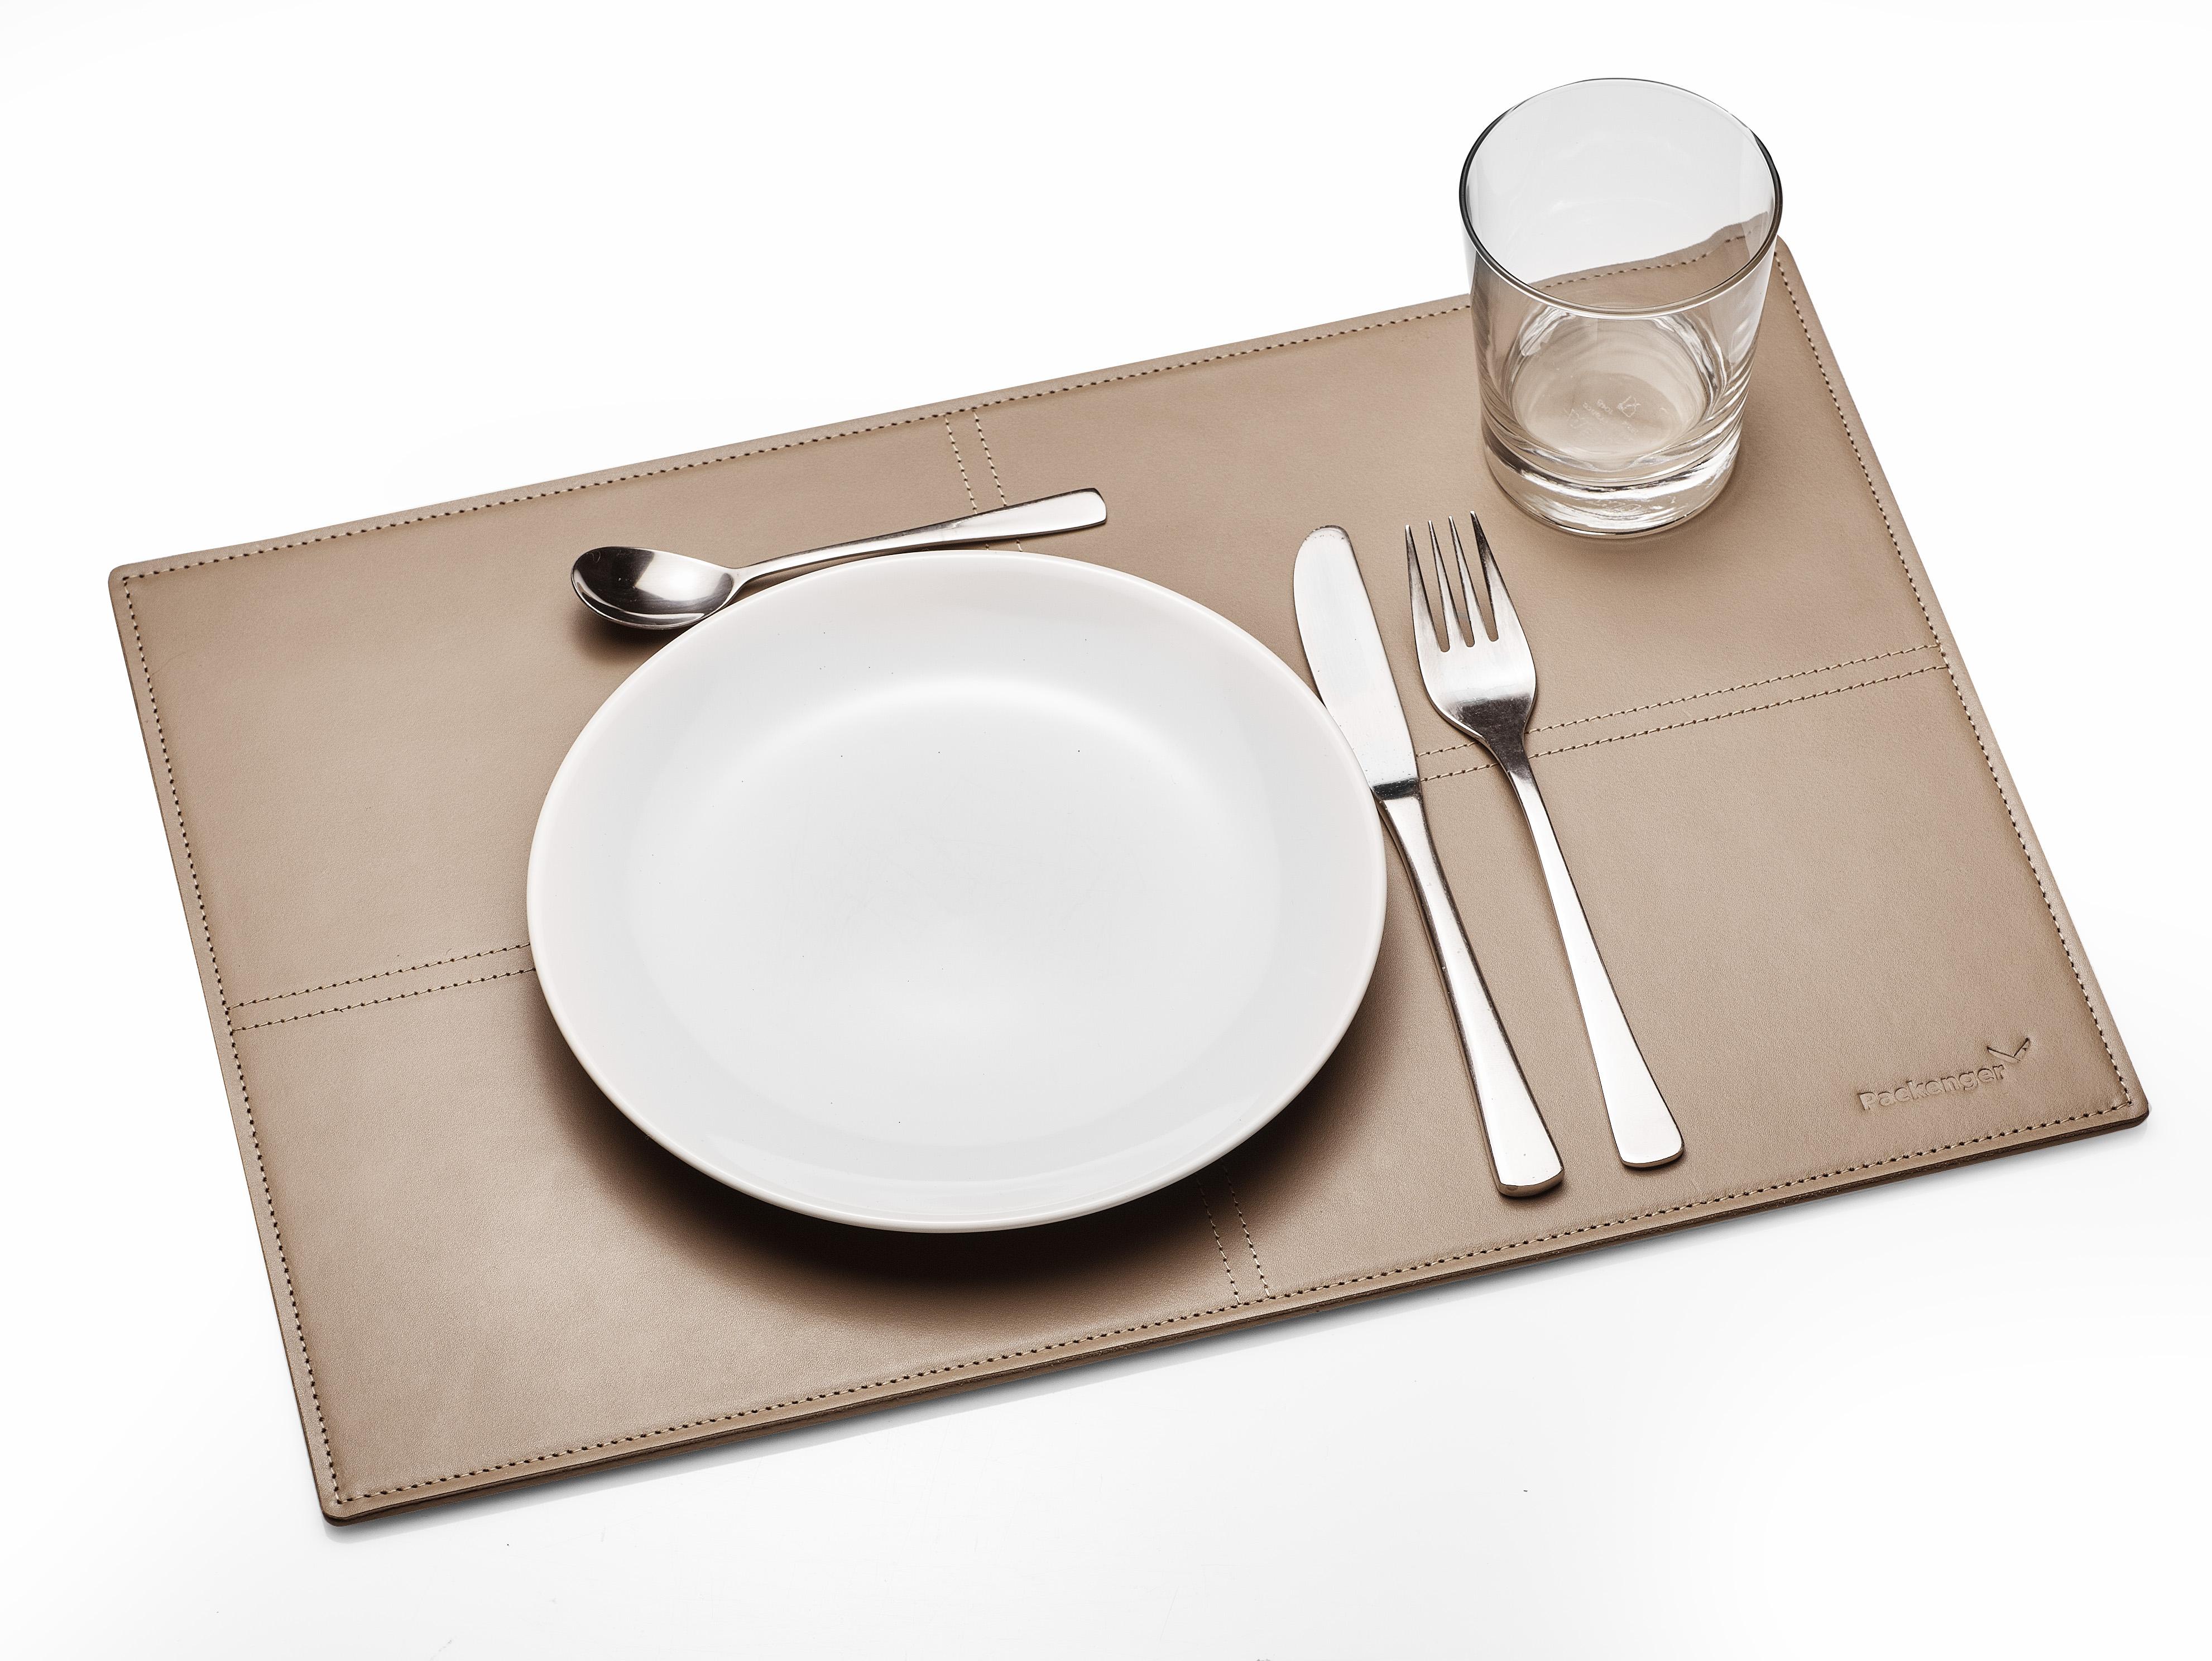 4er Sets Packenger Home Collection Tischsets aus echtem Leder in Beige und Schwarz